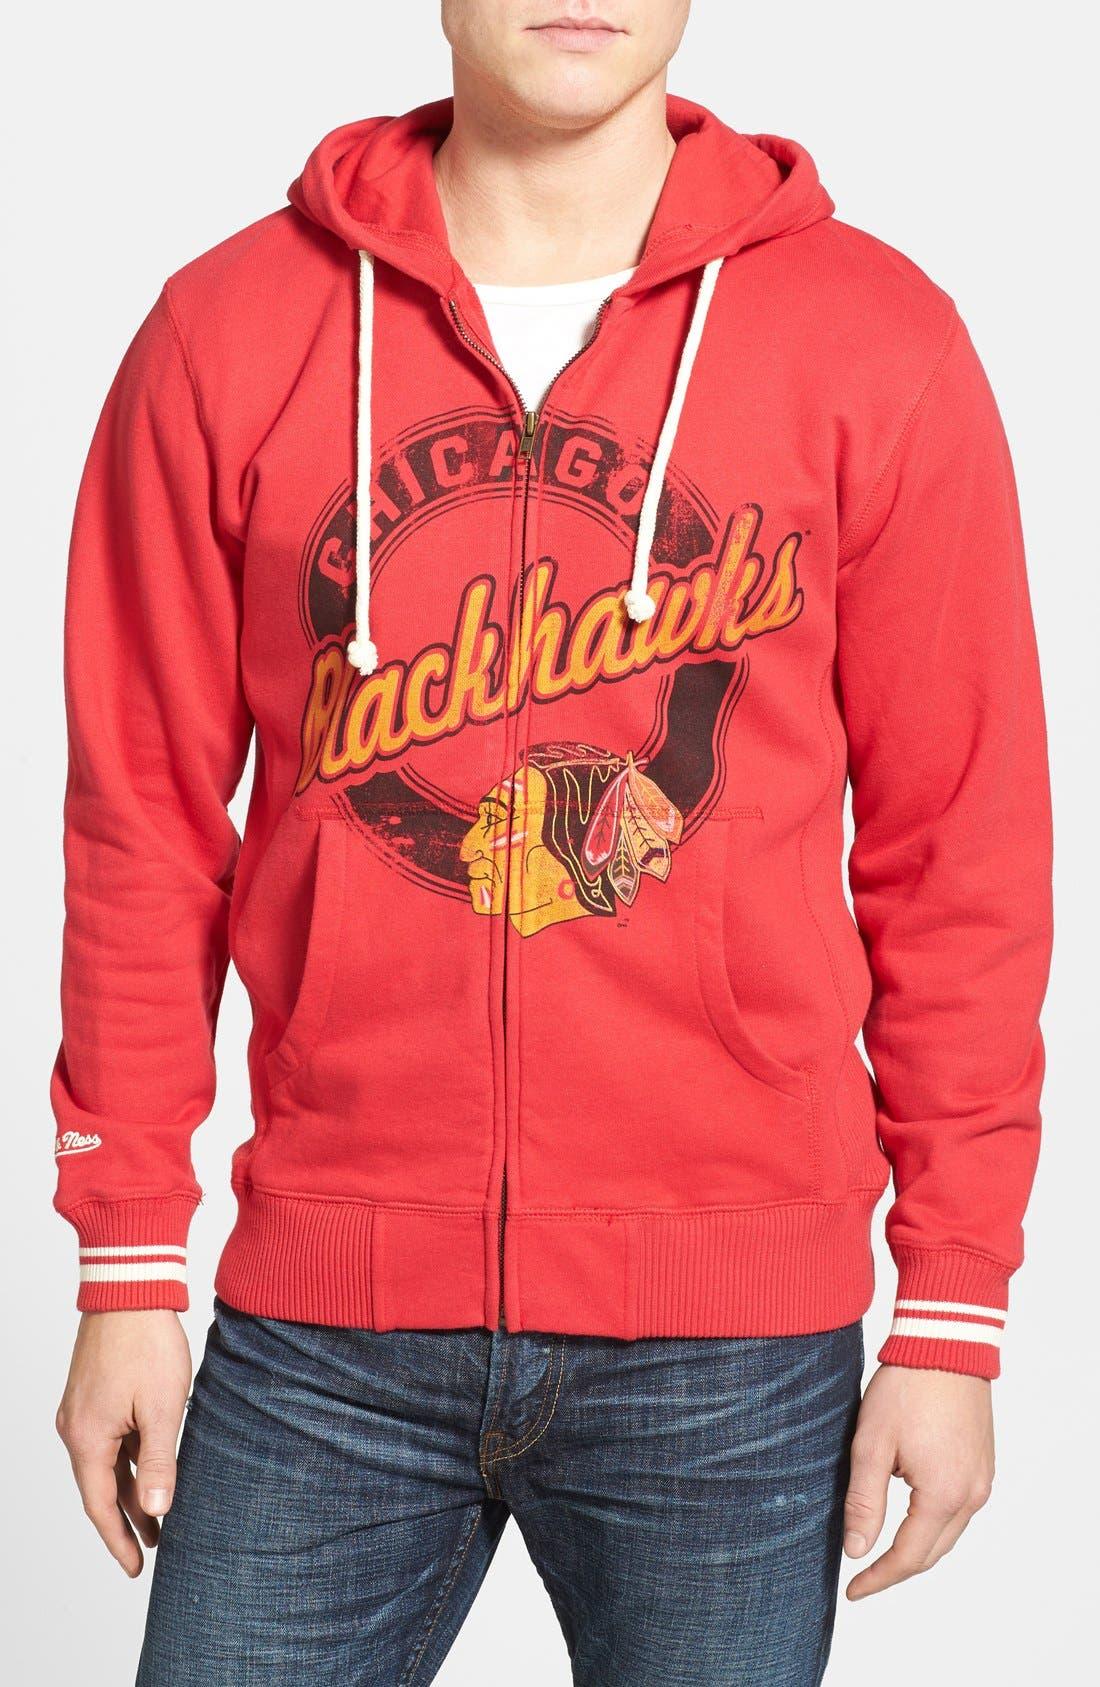 Main Image - Mitchell & Ness 'Chicago Blackhawks' Full Zip Hoodie